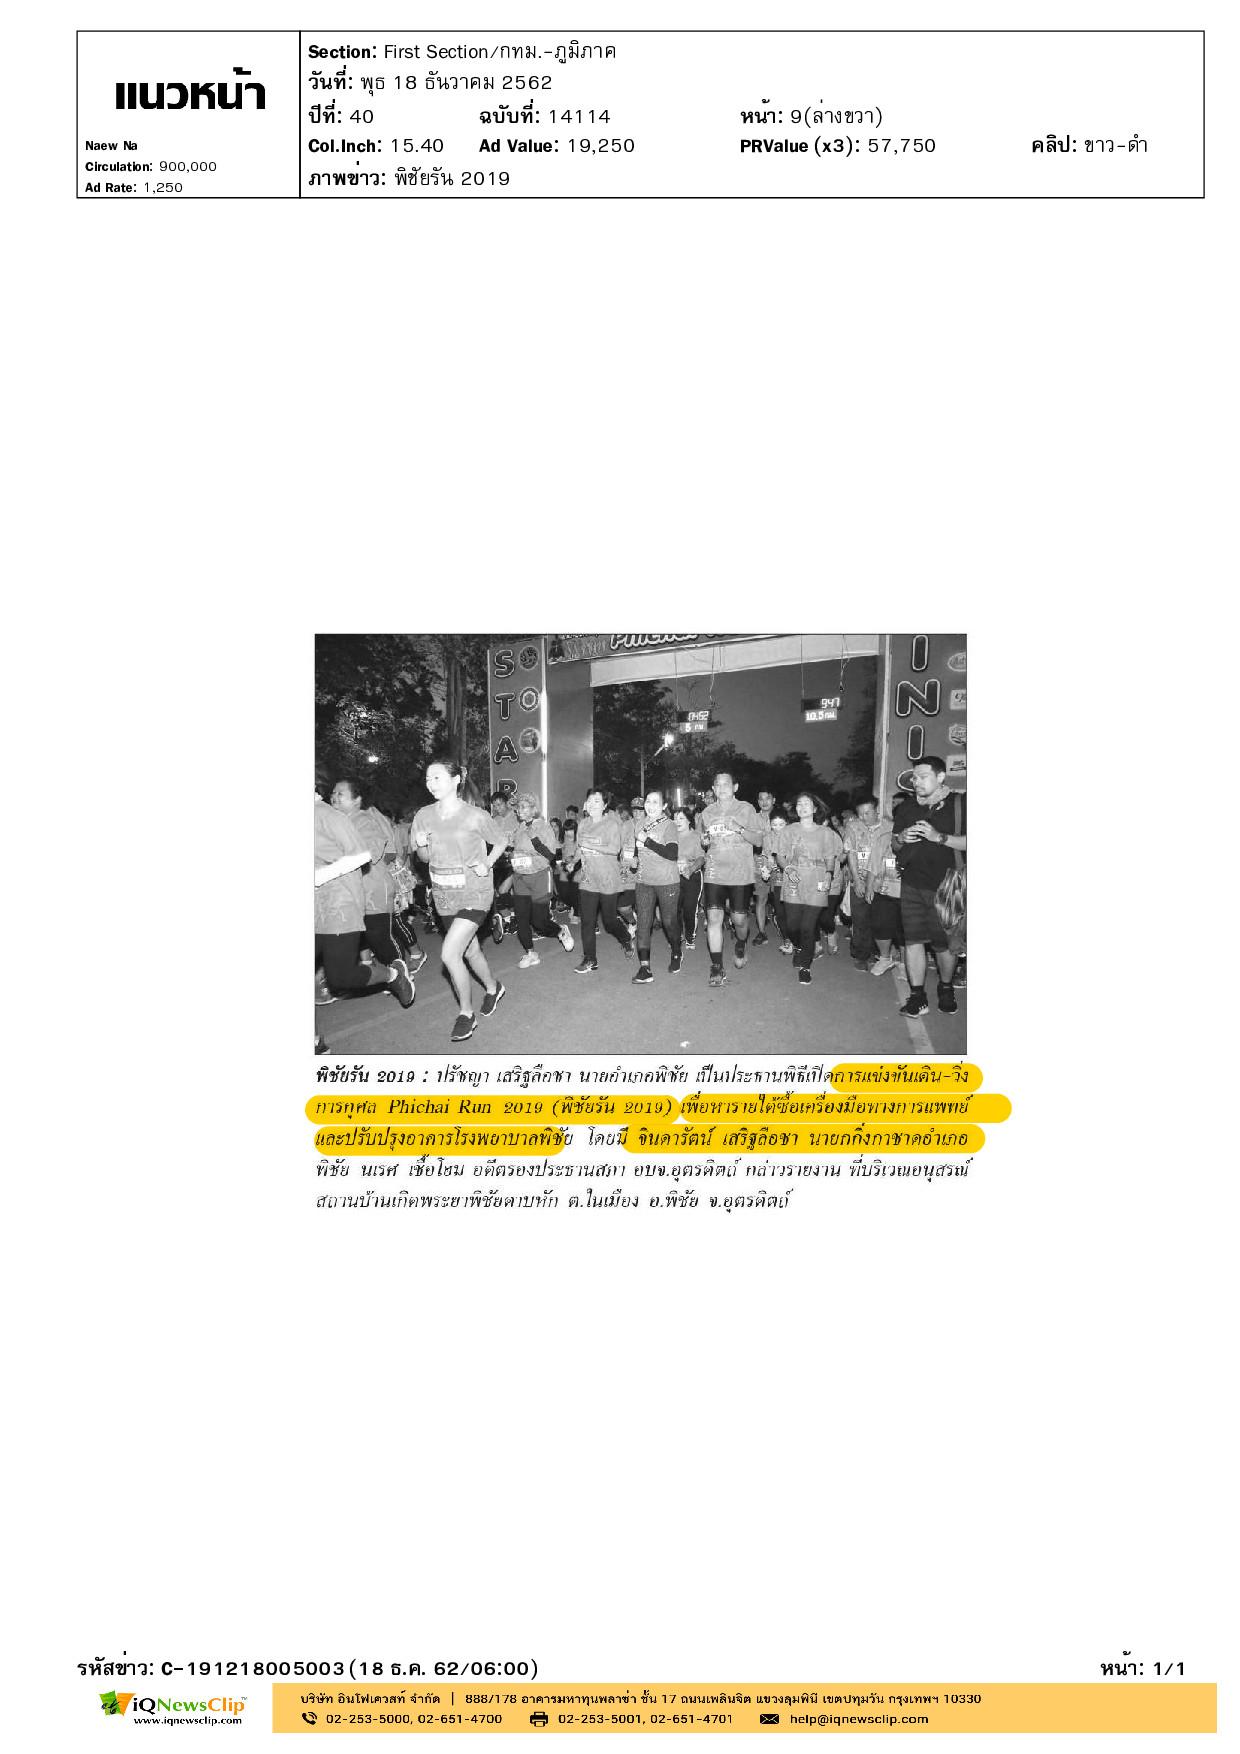 นายกกิ่งกาชาด อ.พิชัย ร่วมงาน เดิน-วิ่งการกุศล